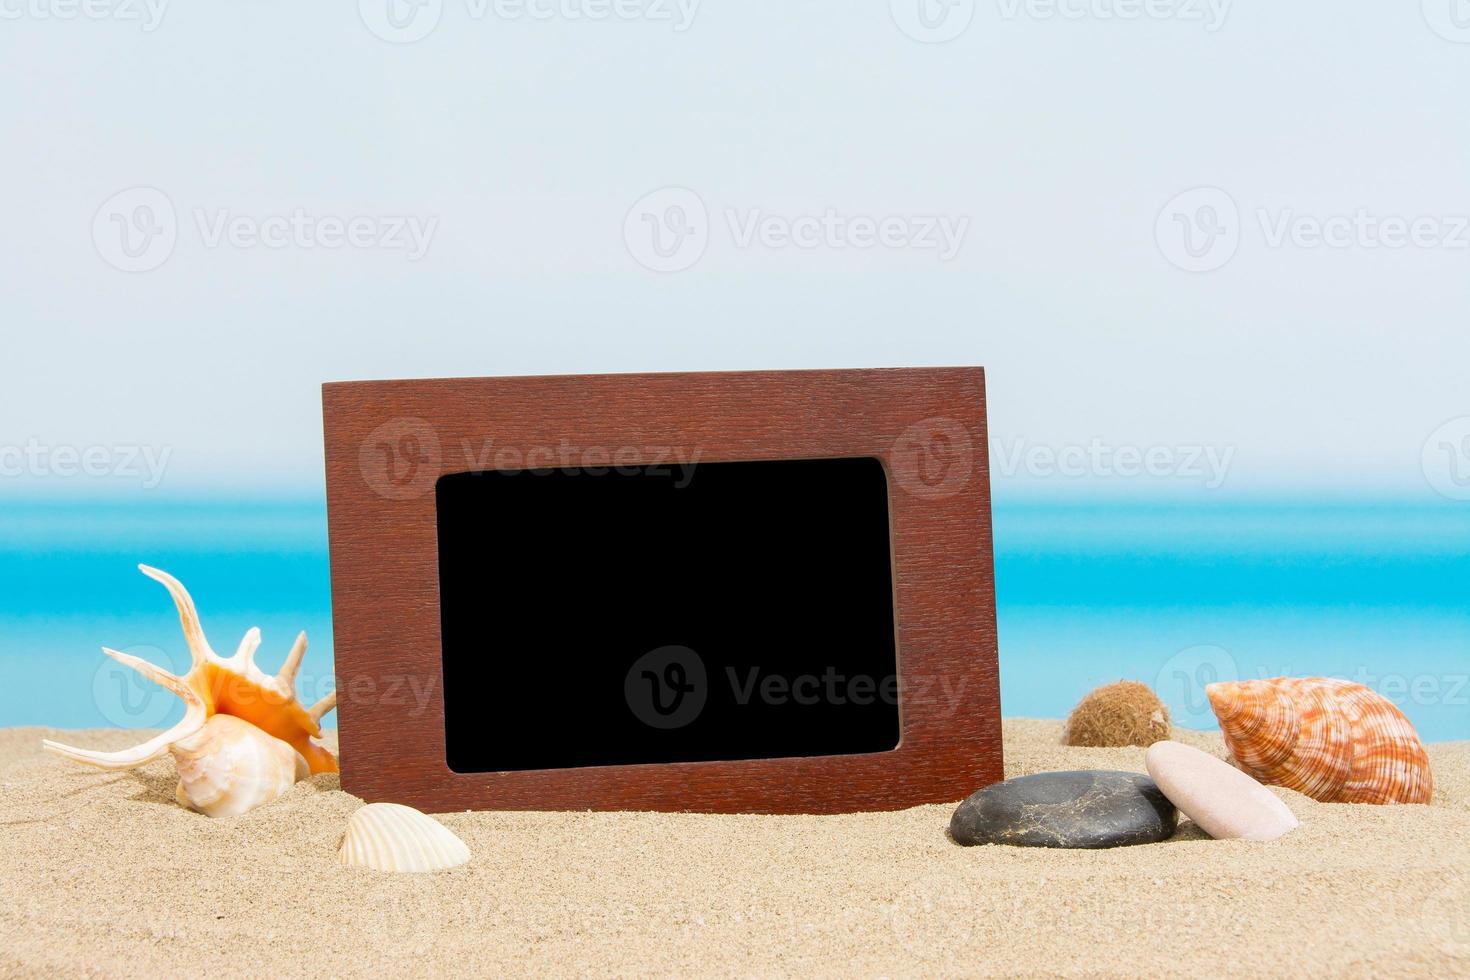 porta-retratos na praia foto